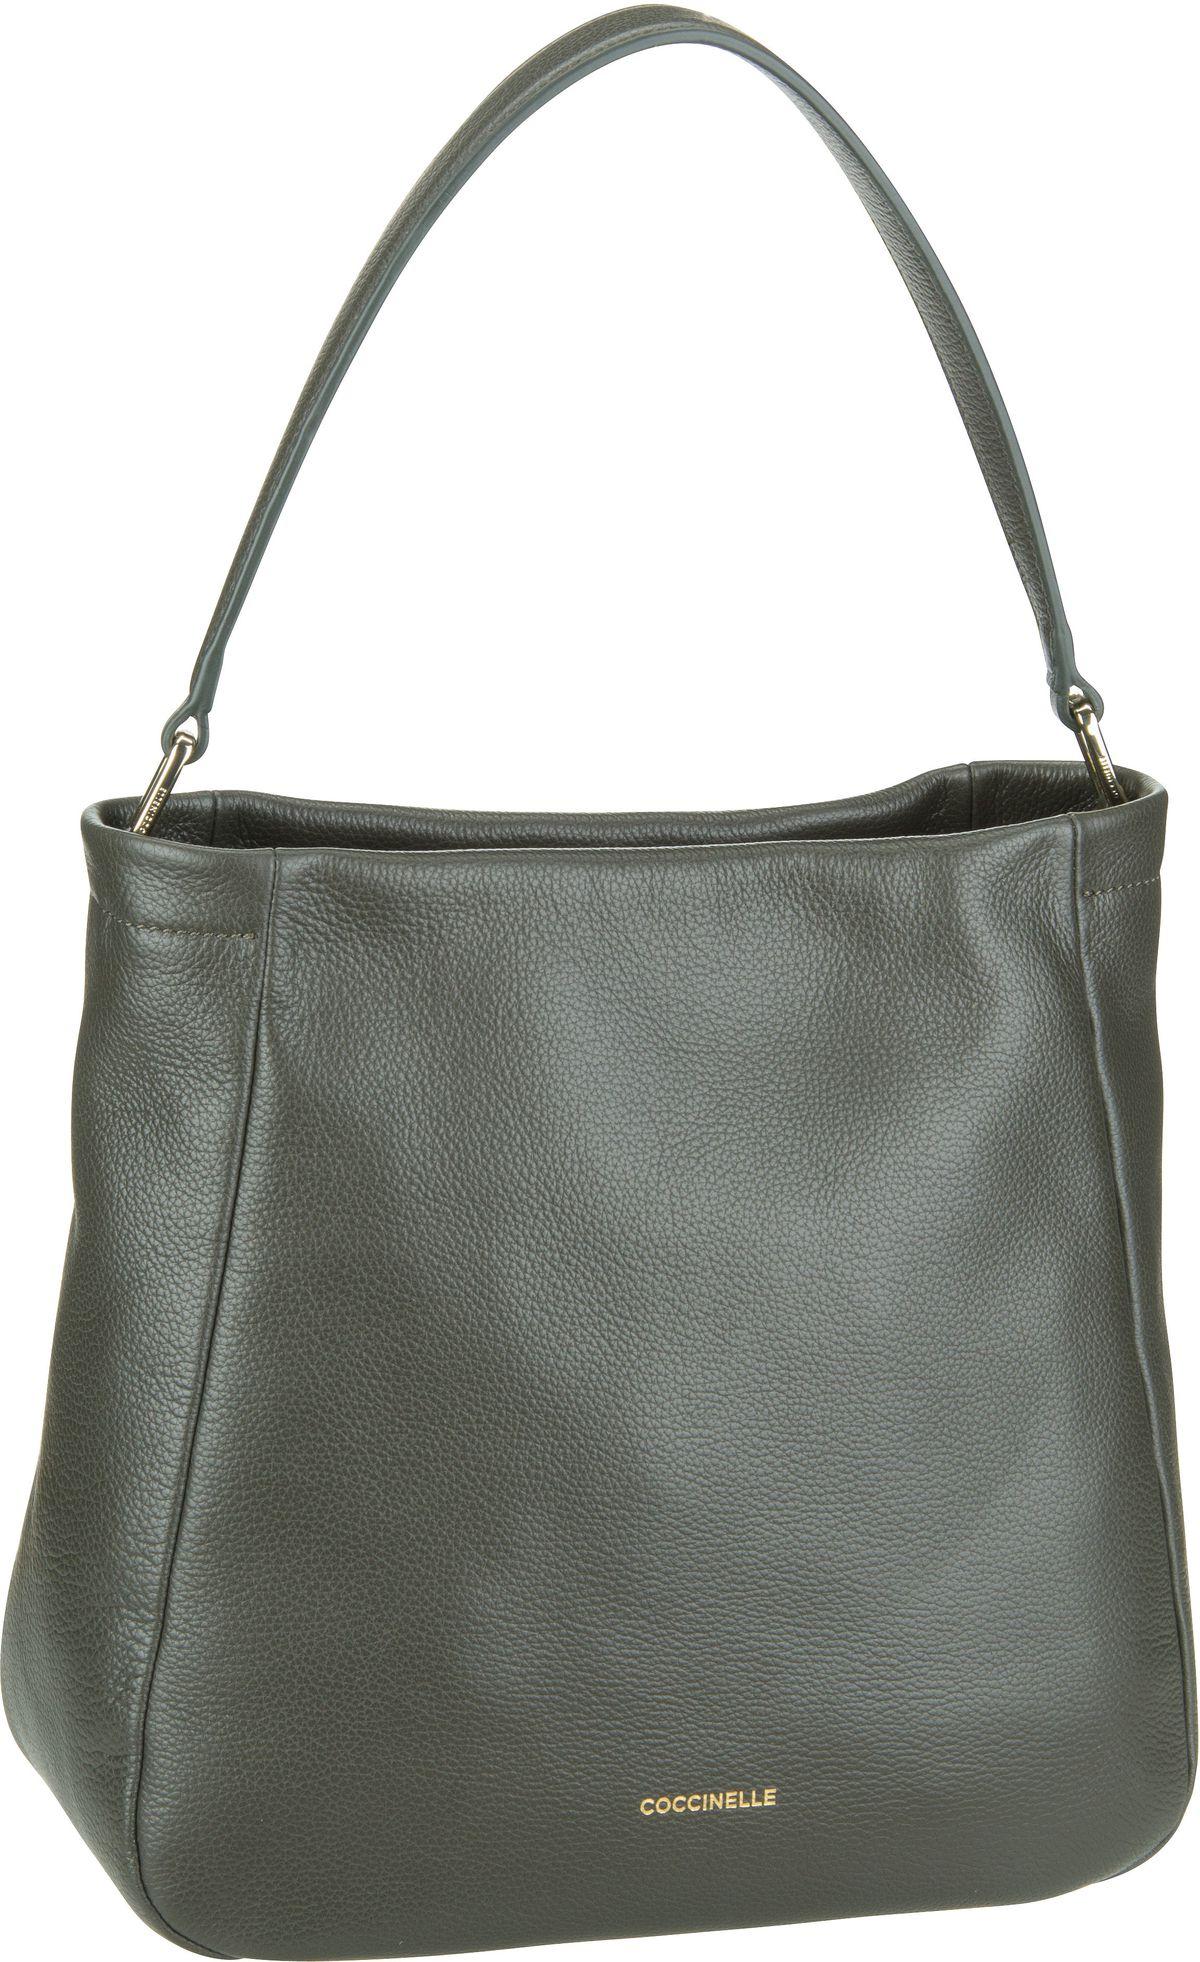 Handtasche Rendez-Vous 1301 Reef